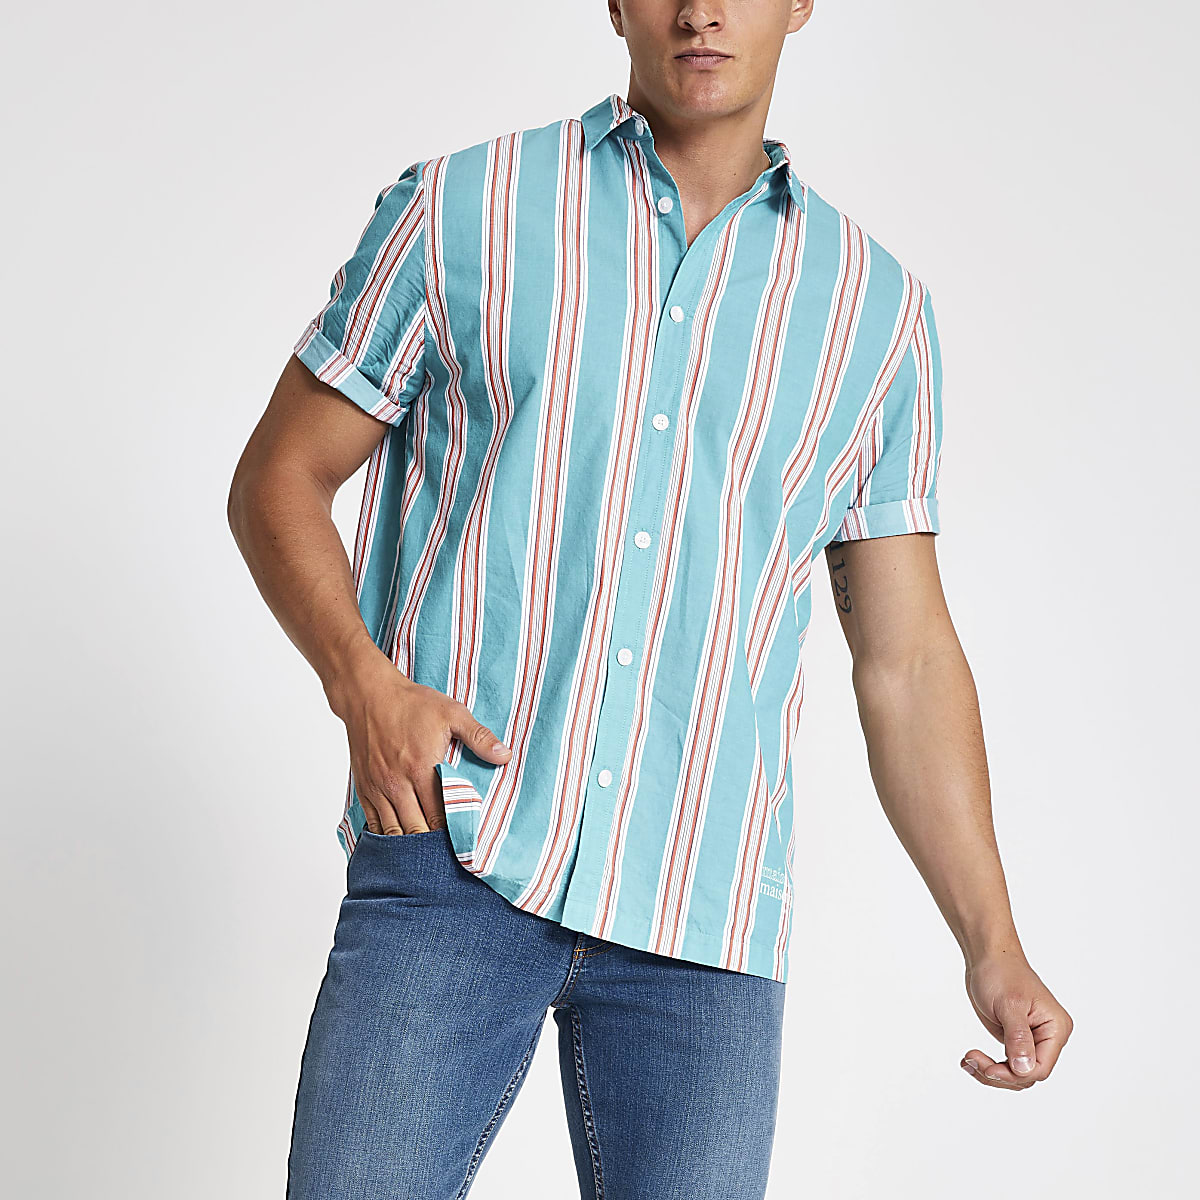 Chemise classique bleue rayée à manches courtes